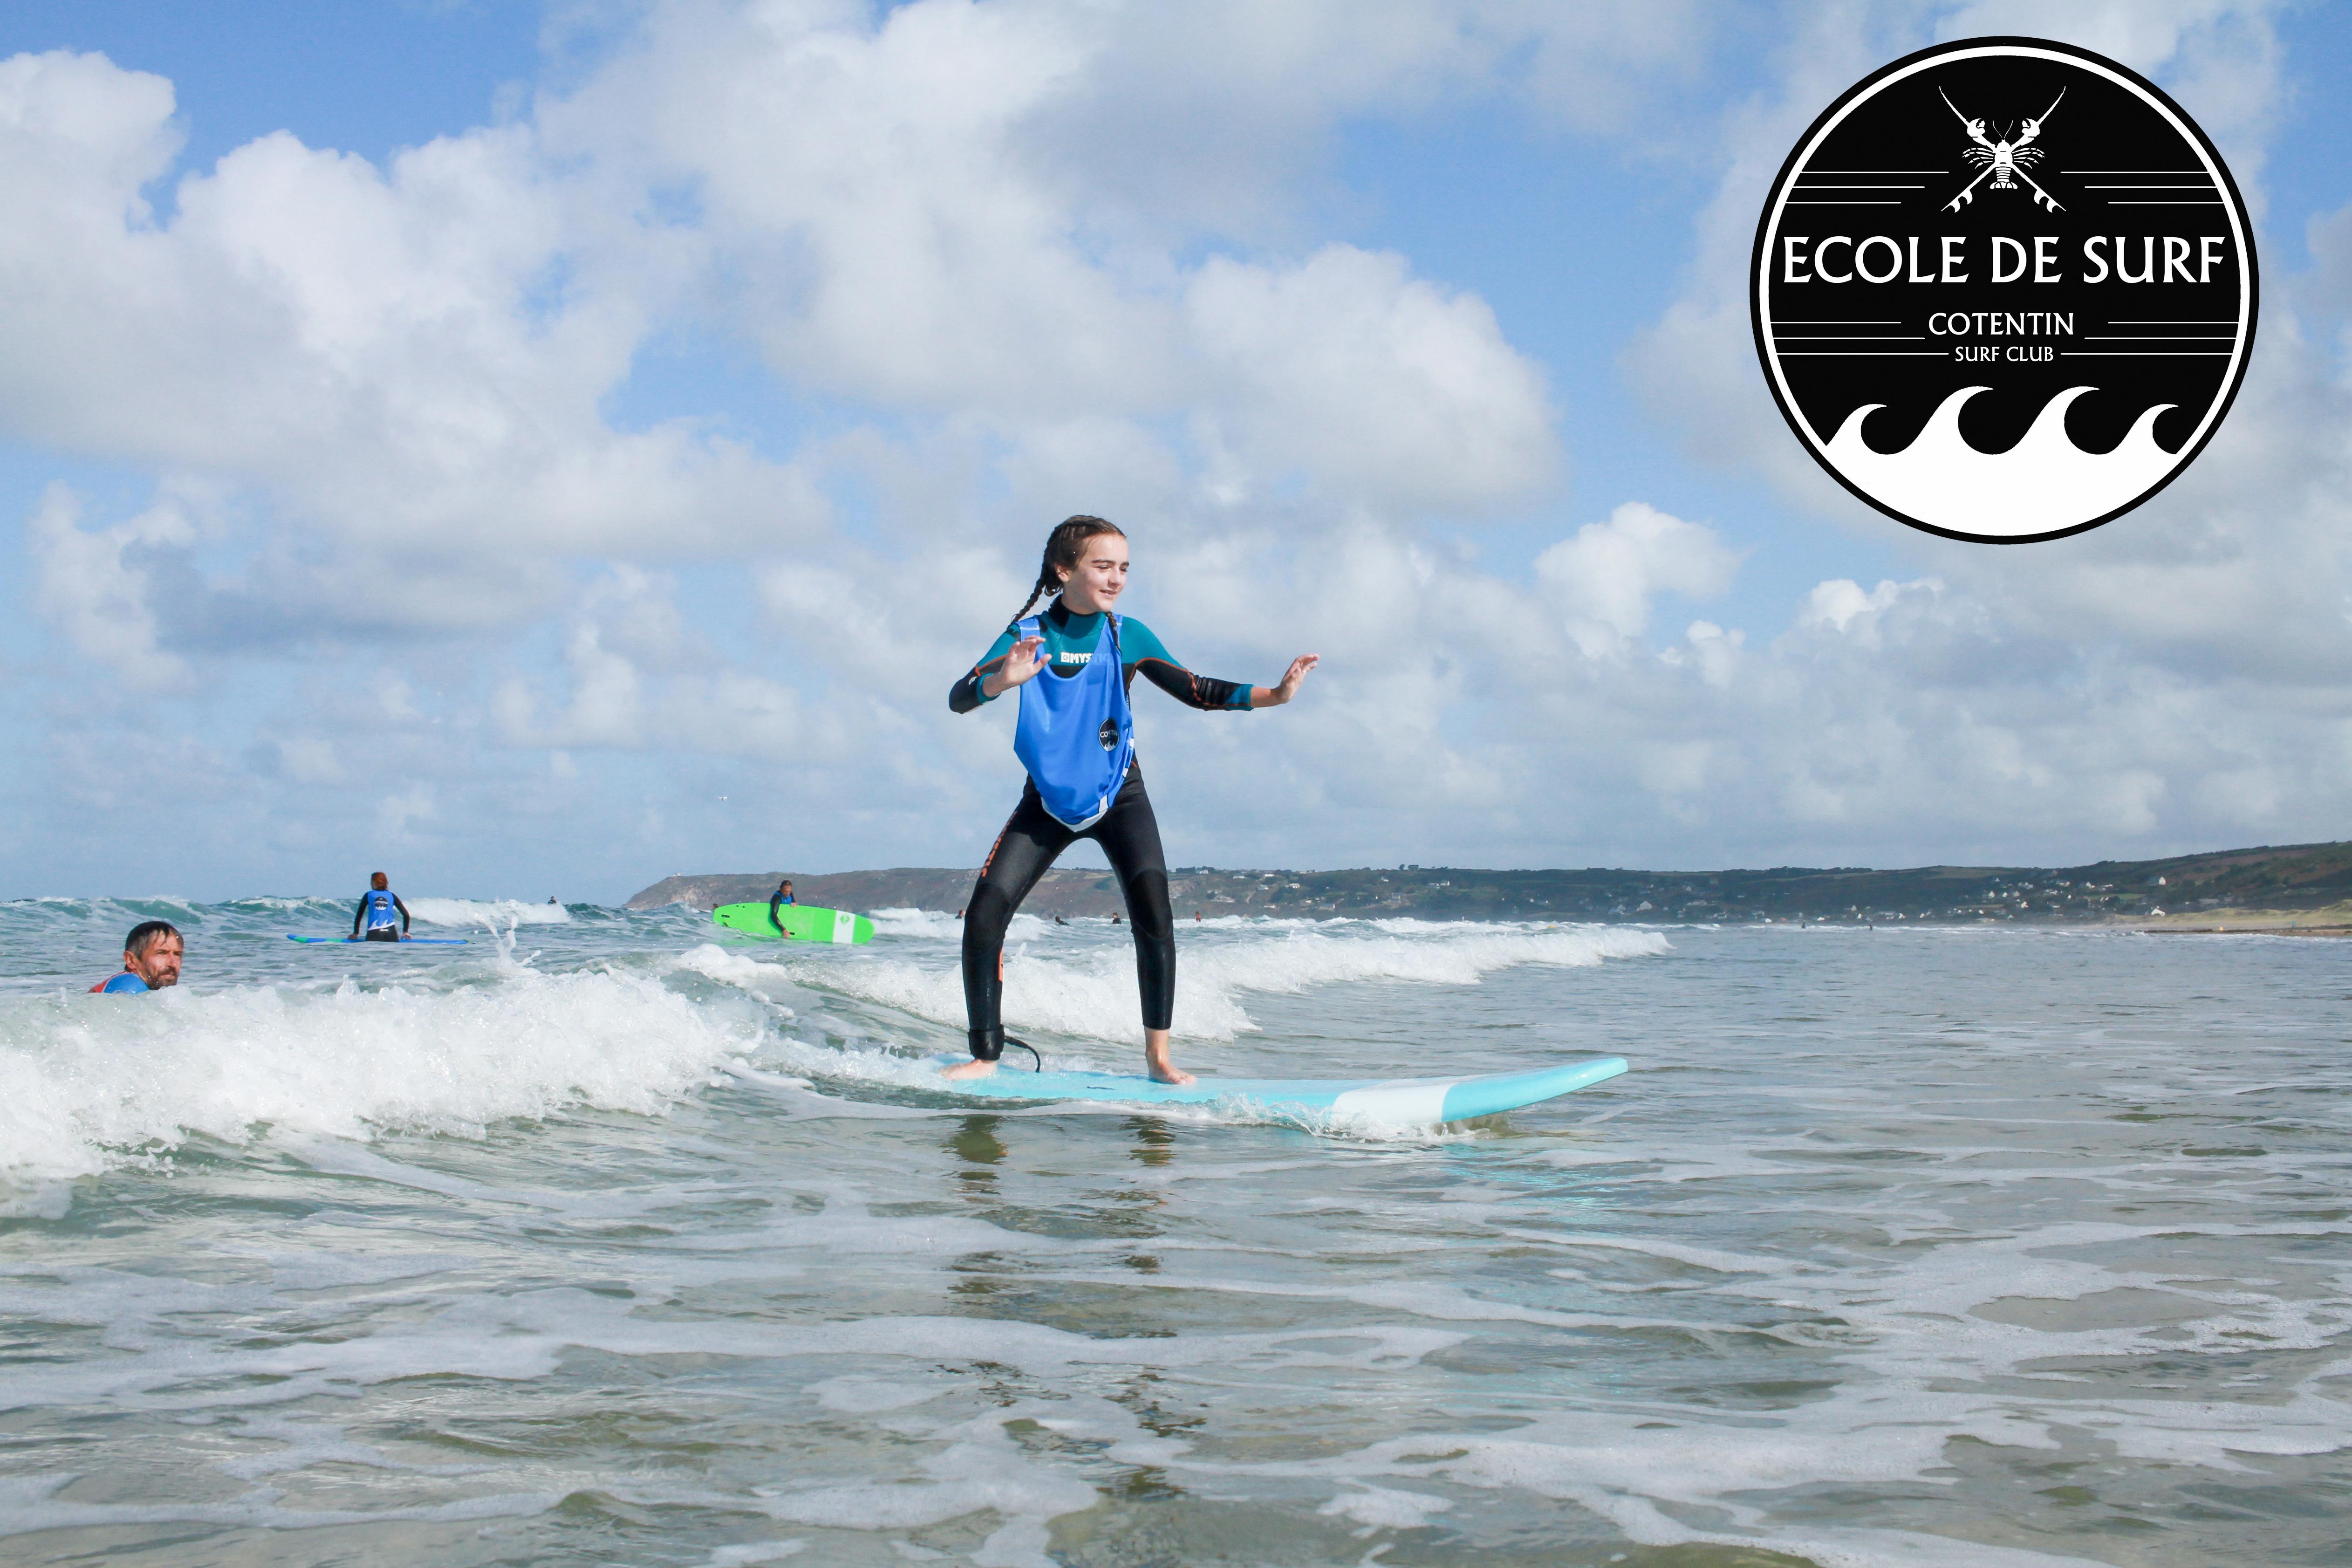 Apprendre à surfer cet été , avec le Cotentin Surf Club